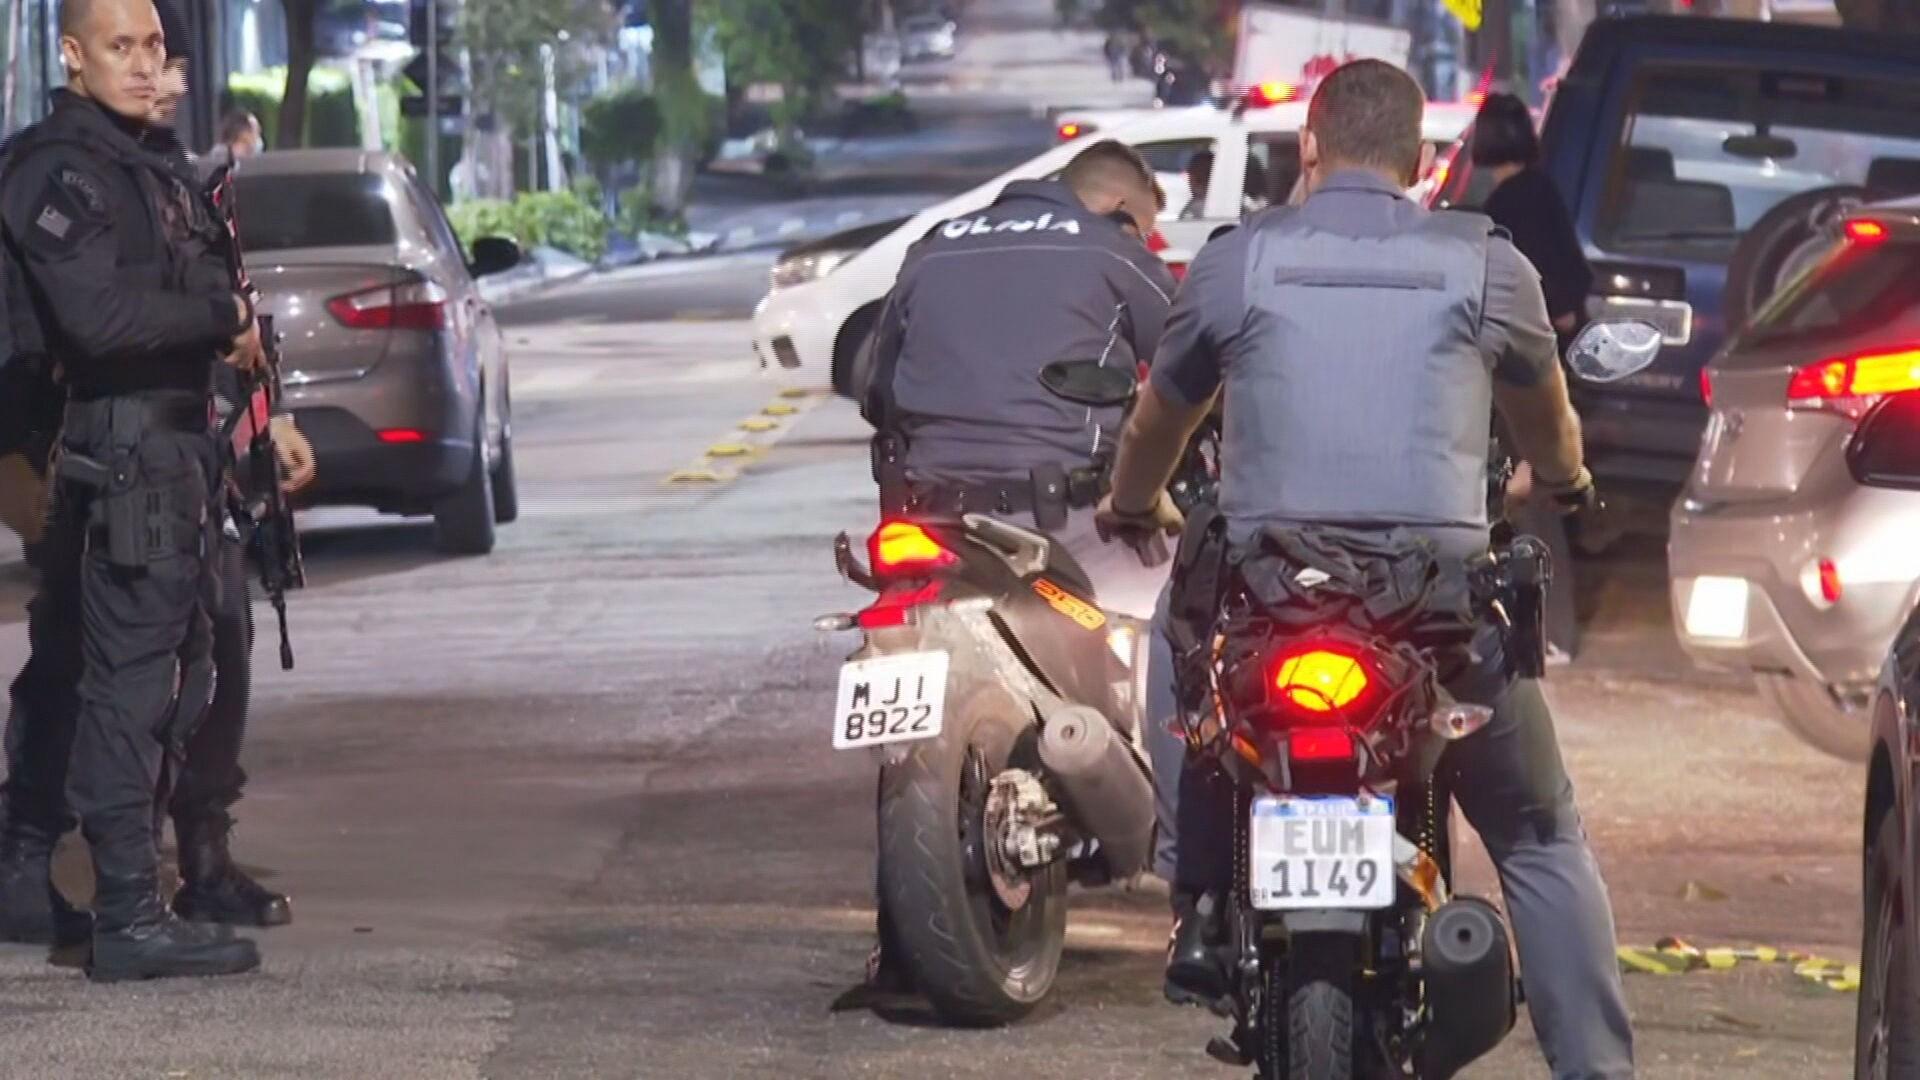 Investigador da Polícia Civil é baleado durante tentativa de assalto na Zona Sul de SP